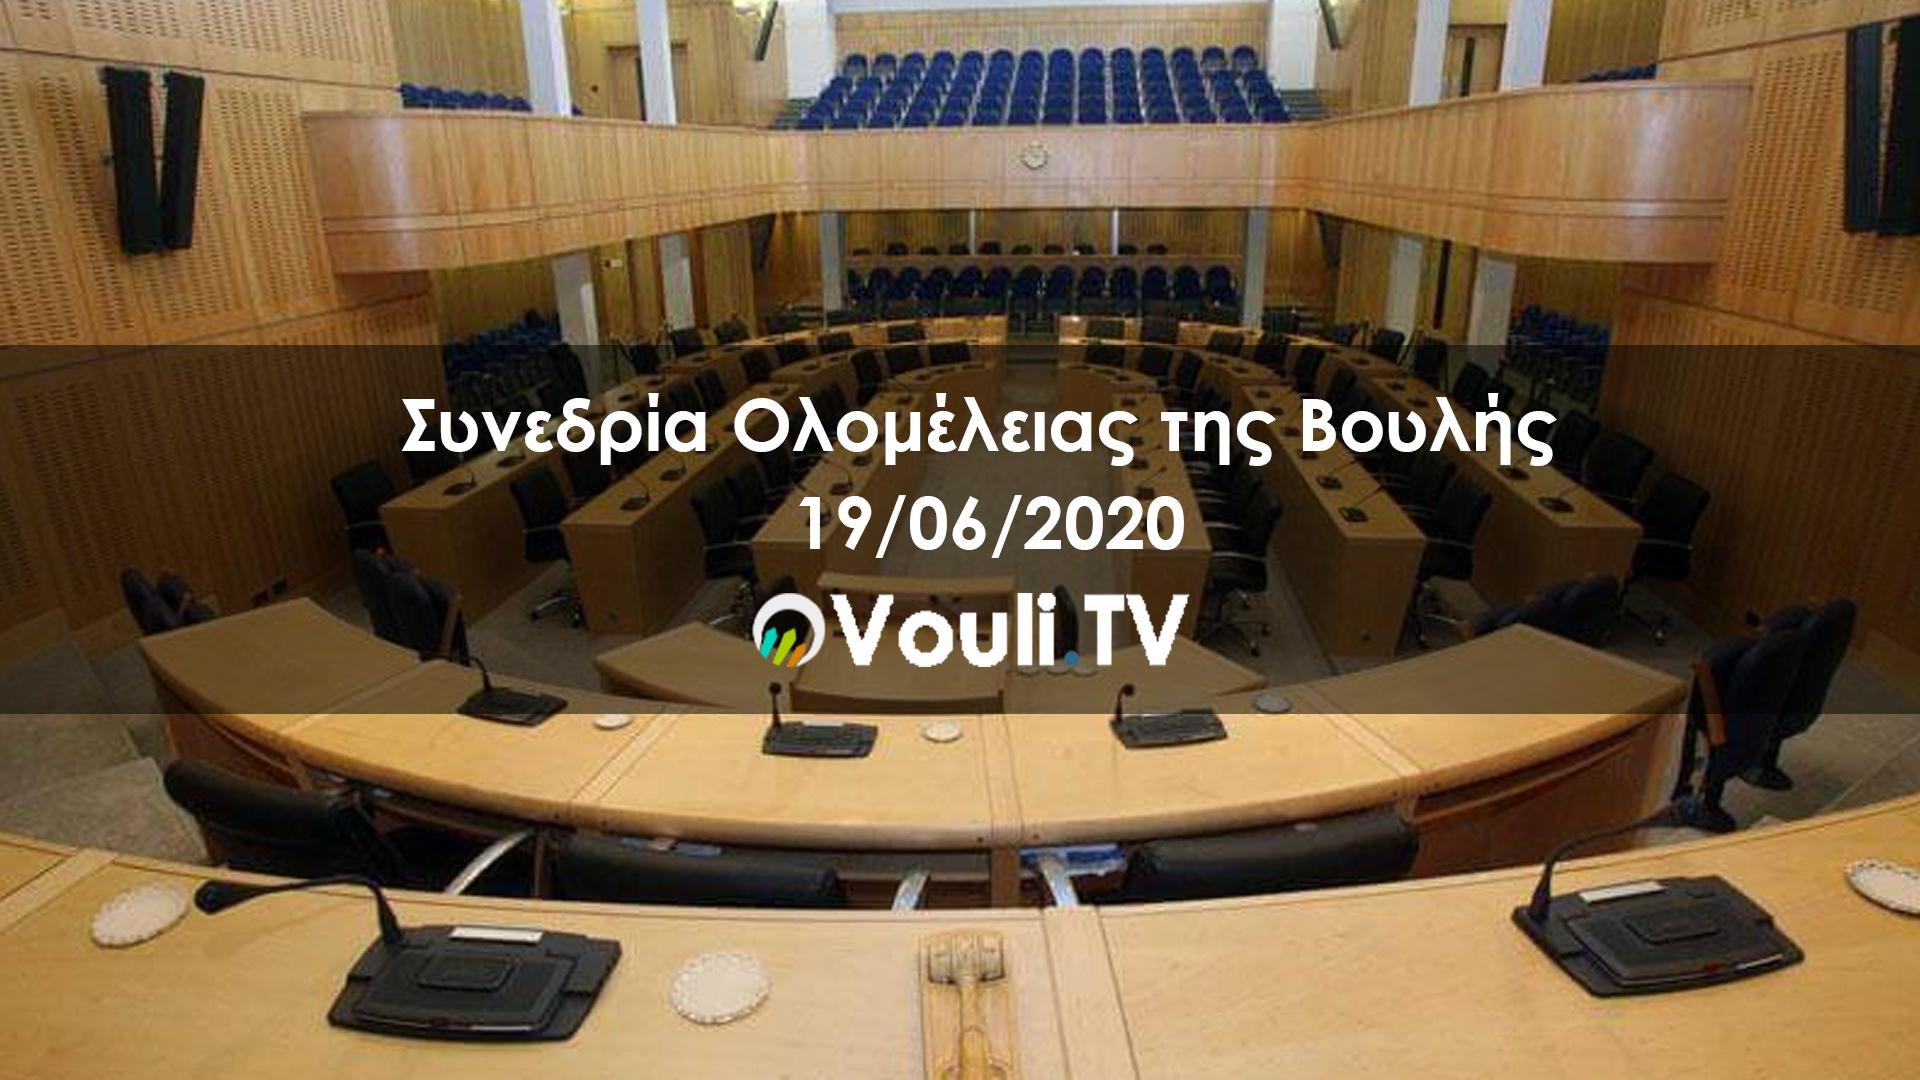 ΚΟΙΝΟΒΟΥΛΙΟ - Συνεδρία Ολομέλειας της Βουλής - 19/06/2020